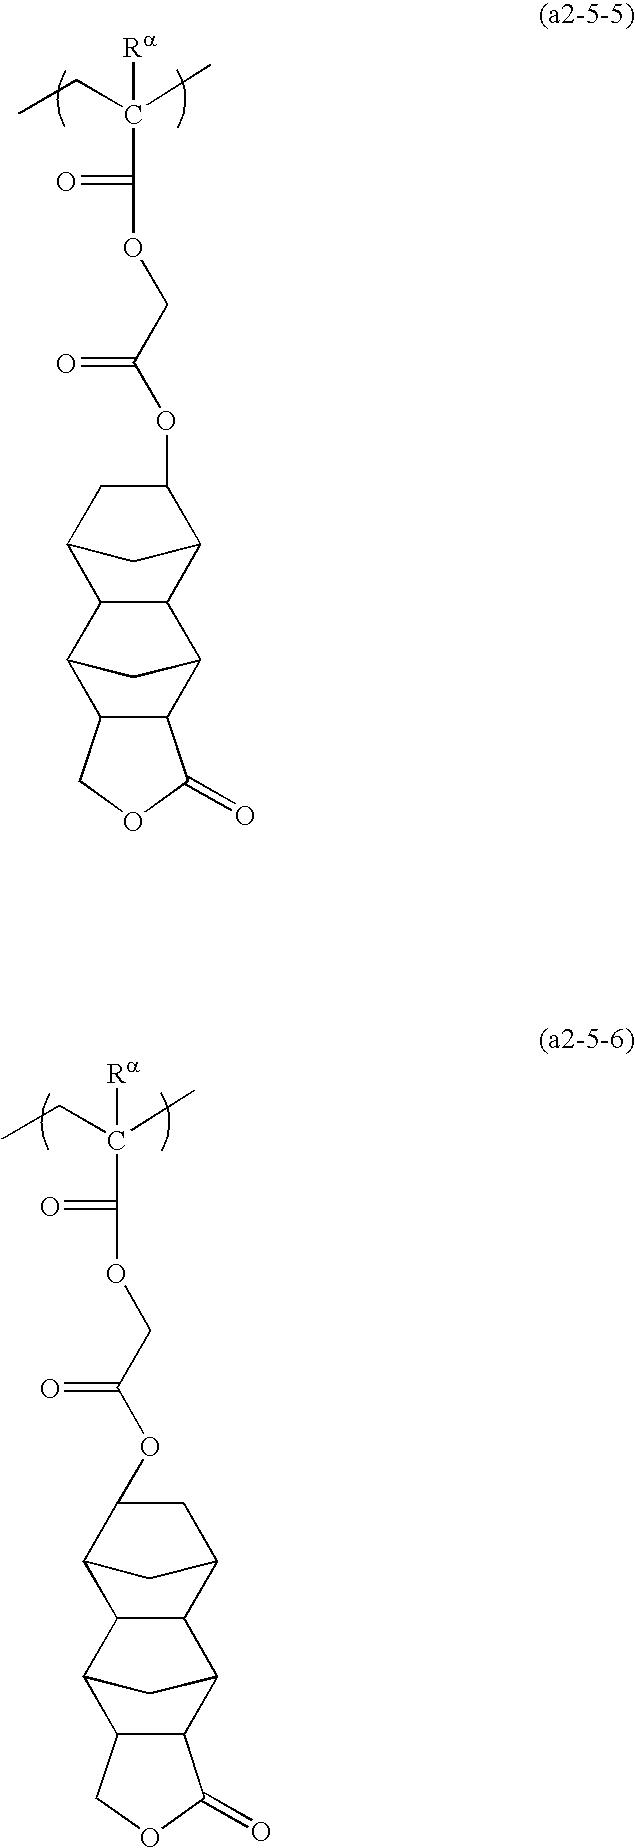 Figure US20100136480A1-20100603-C00070